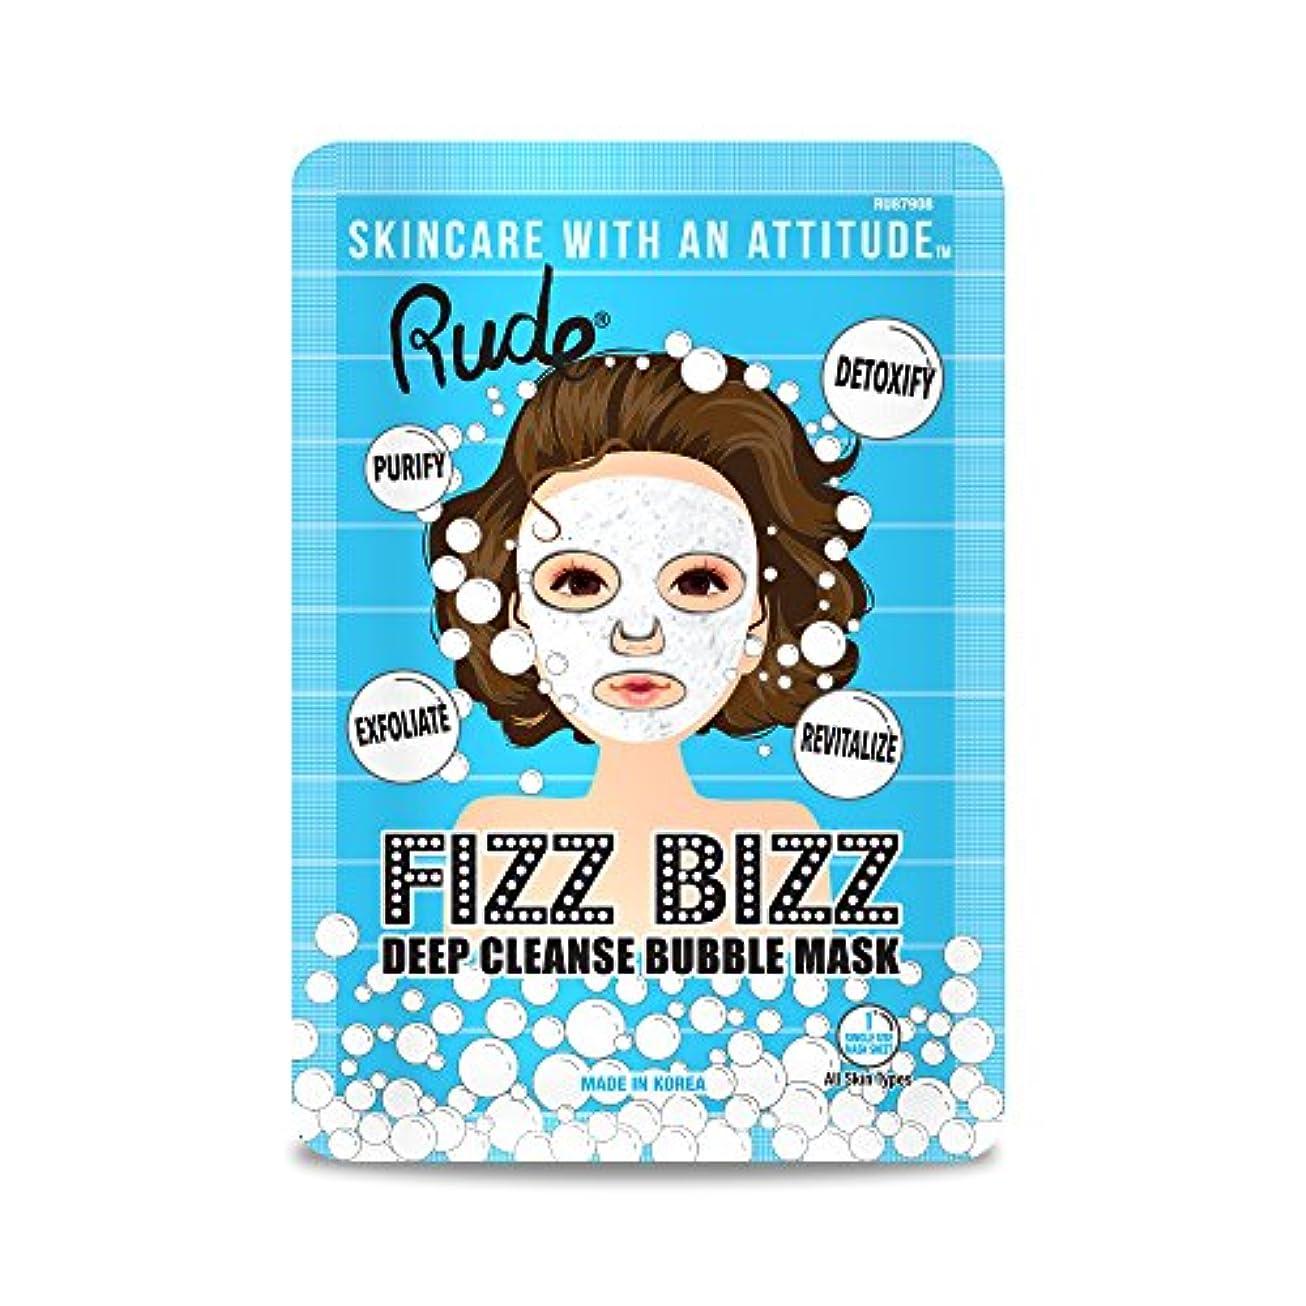 自動化症候群本当のことを言うと(6 Pack) RUDE Fizz Bizz Deep Cleanse Bubble Mask (並行輸入品)